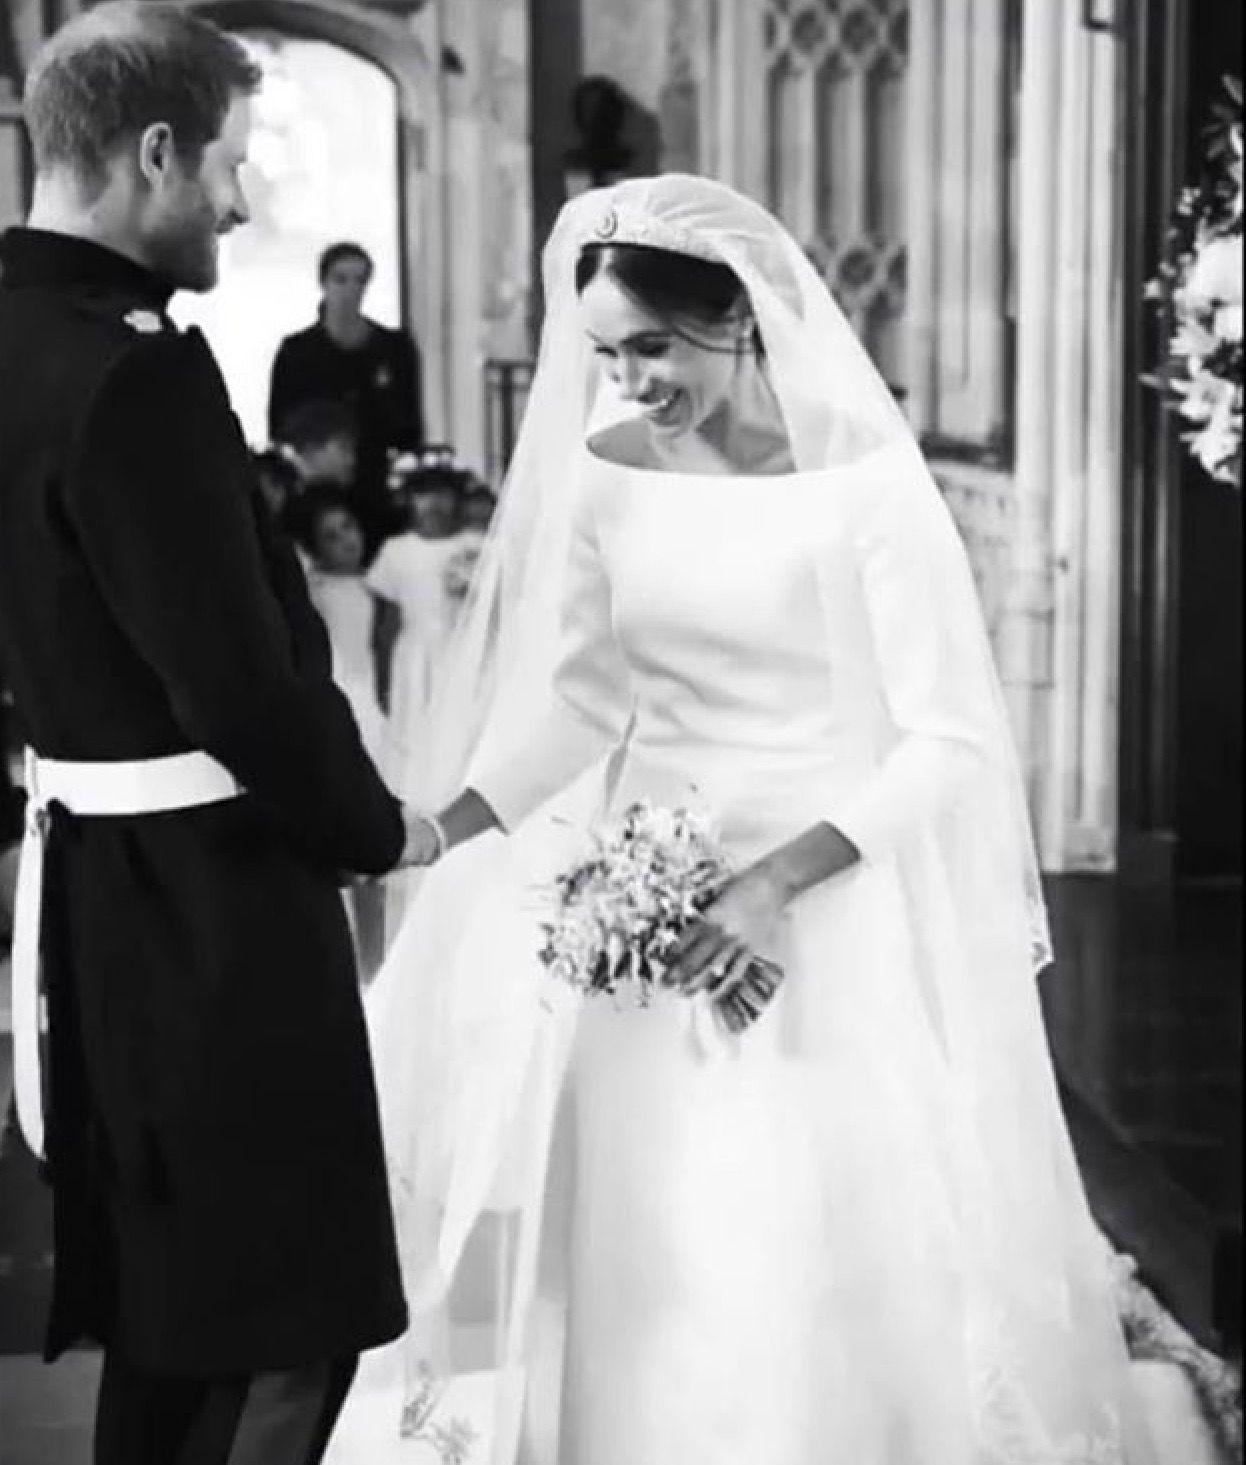 Pin Von Cathy Siriani Auf The Sussexs Britische Konigsfamilie Prinz Harry Meghan Markle Prinz Harry